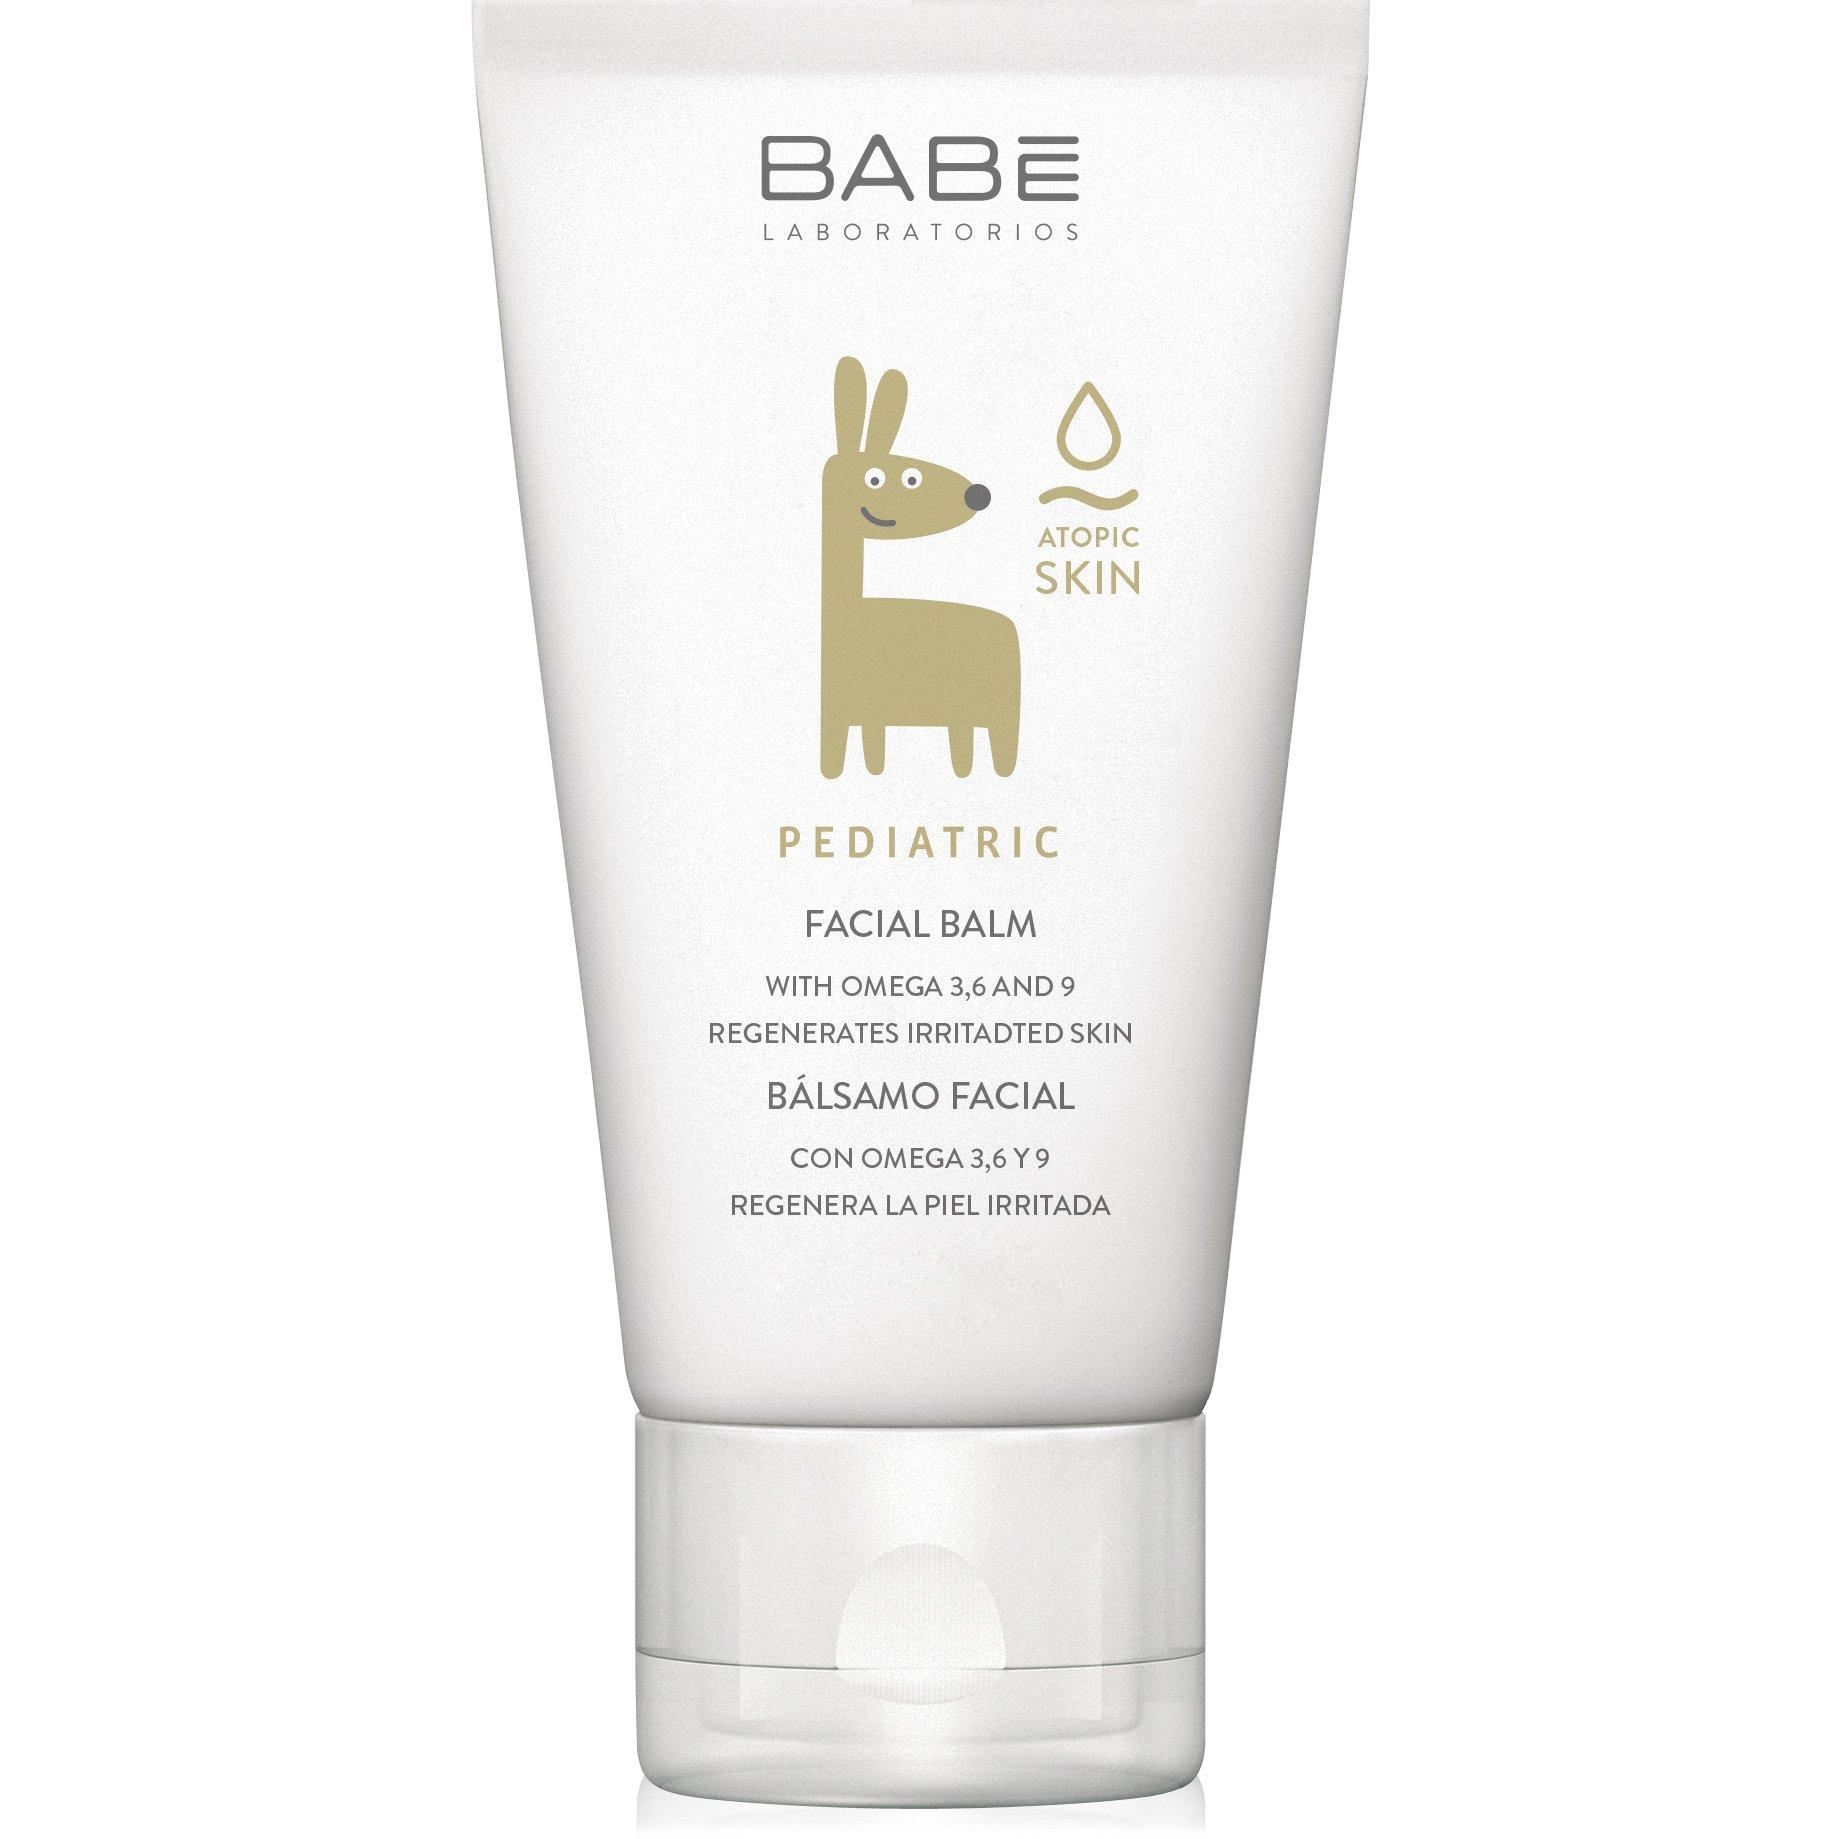 Babe Pediatric Facial Balm Καταπραϋντικό, Ενυδατικό, Κρεμώδες Βάλσαμο Προσώπου για την Βρεφική-Παιδική Επιδερμίδα 50ml